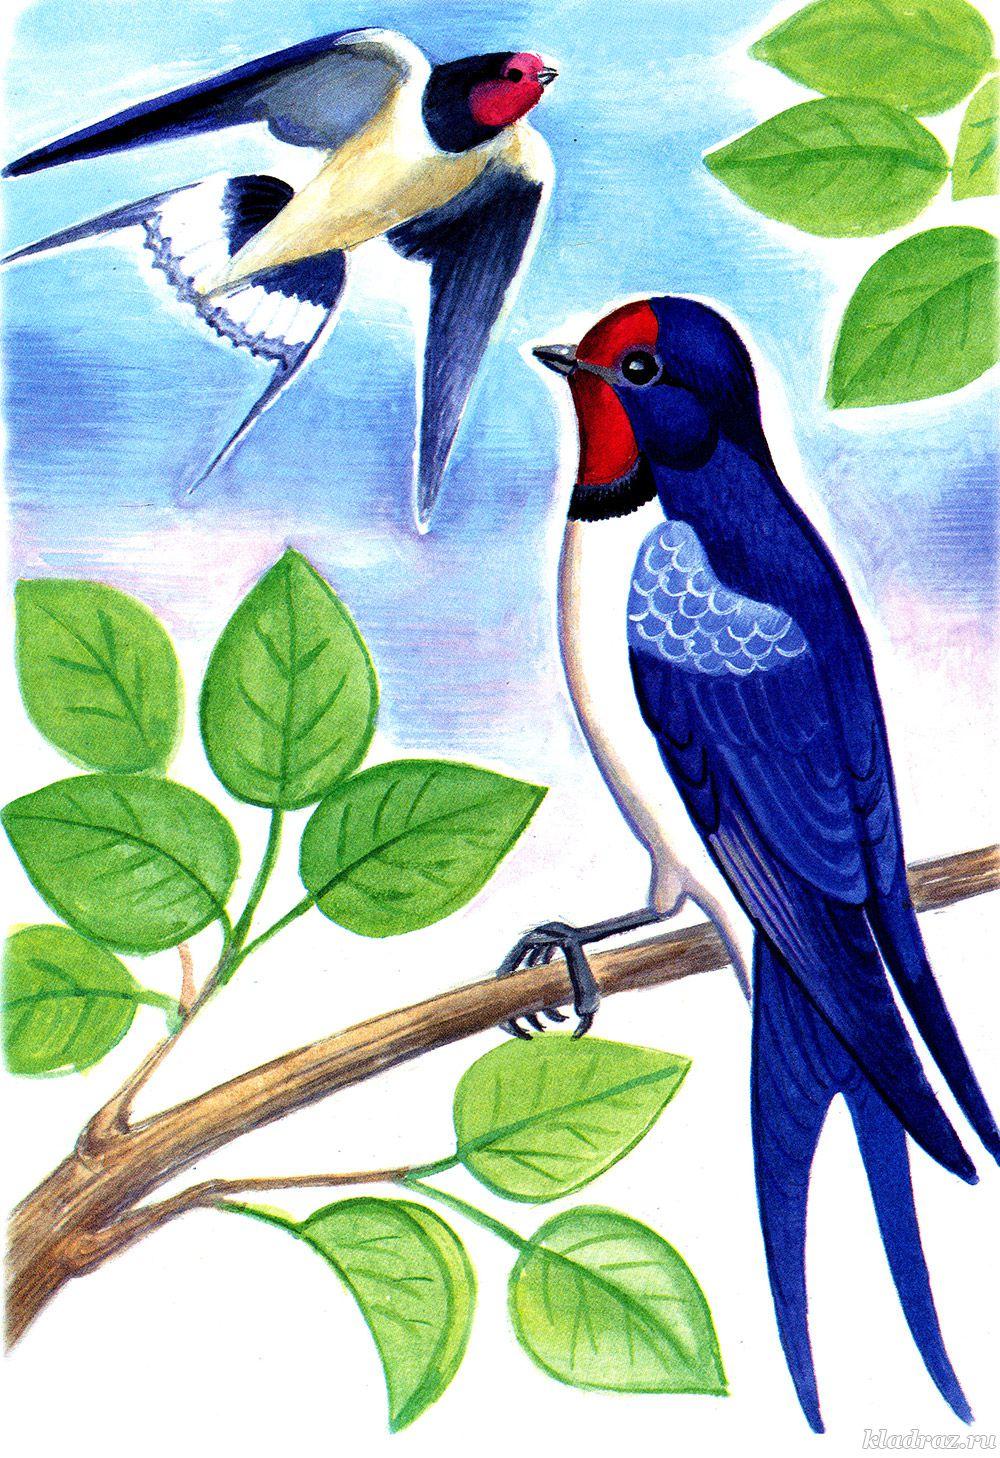 Раскраски «Перелетные птицы» для детей с названиями ...